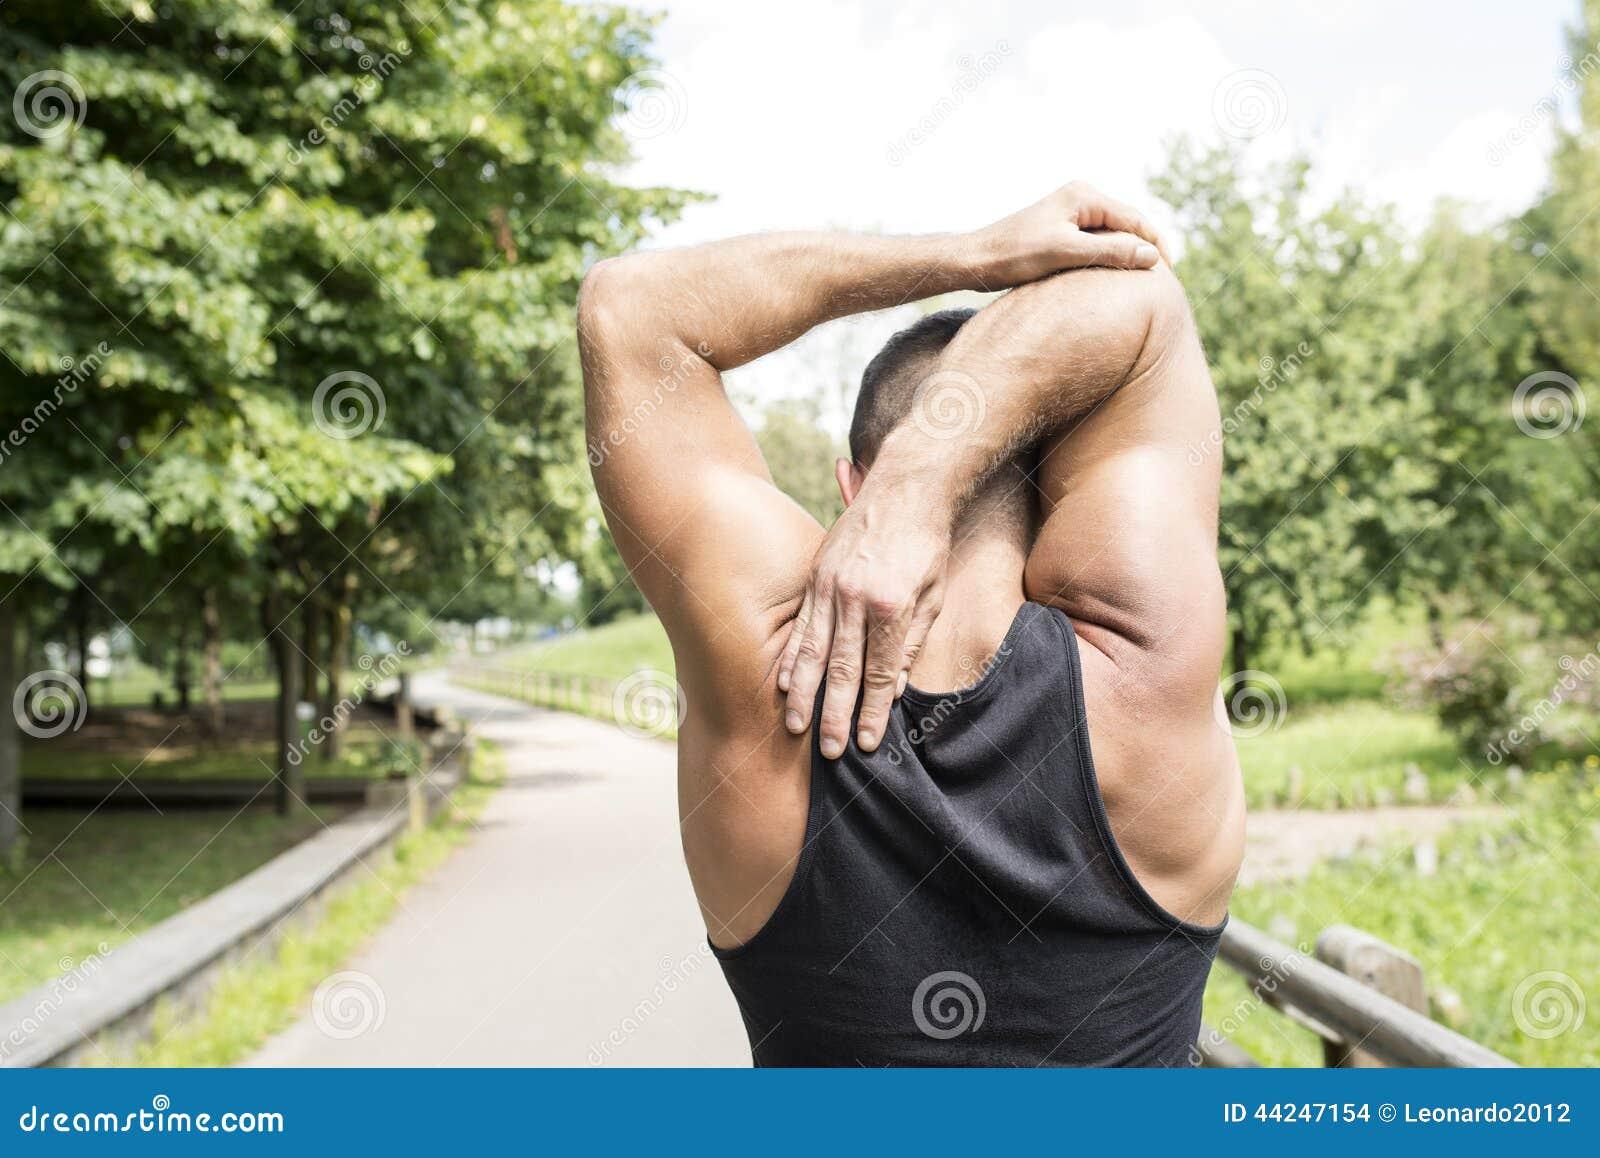 Zbliżenie tylny sportowy mężczyzna robi rozciągliwość przed ćwiczyć,